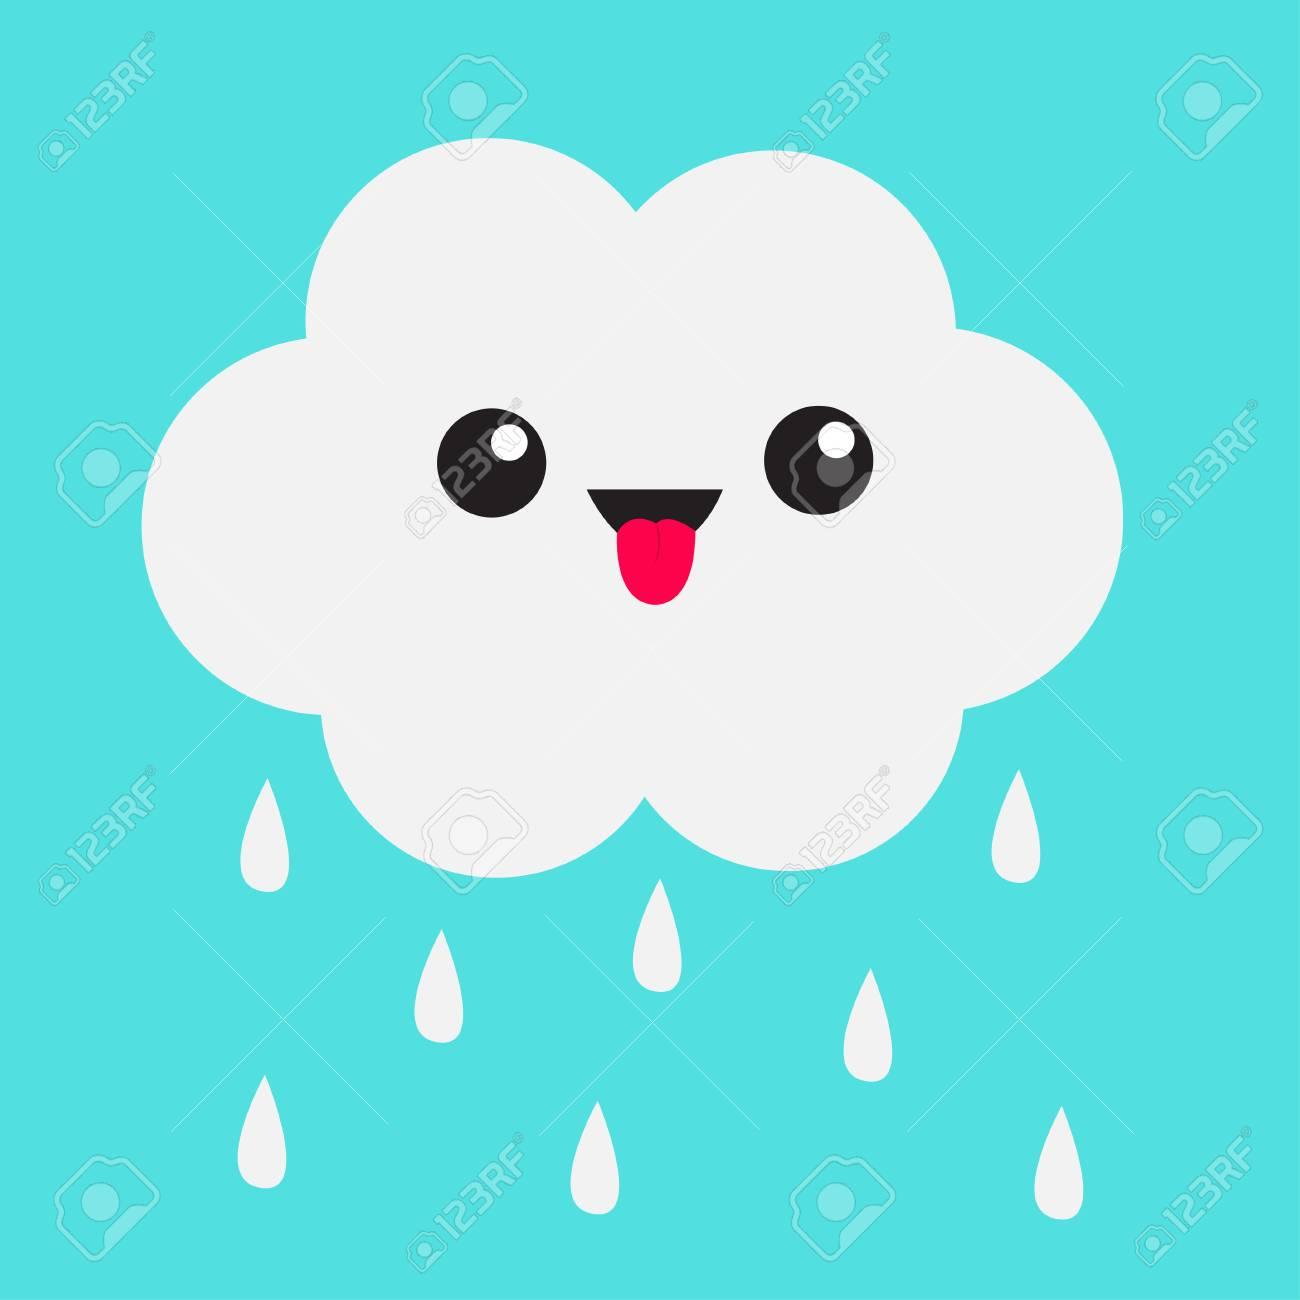 Nuvem Bonito Do Kawaii Dos Desenhos Animados Com Gotas Da Chuva. Mostrando  Emoção De Língua. Olhos E Boca. Isolado. Fundo Do Céu Azul. Coleção De  Emoji De Personagem Engraçada De Bebê. Design